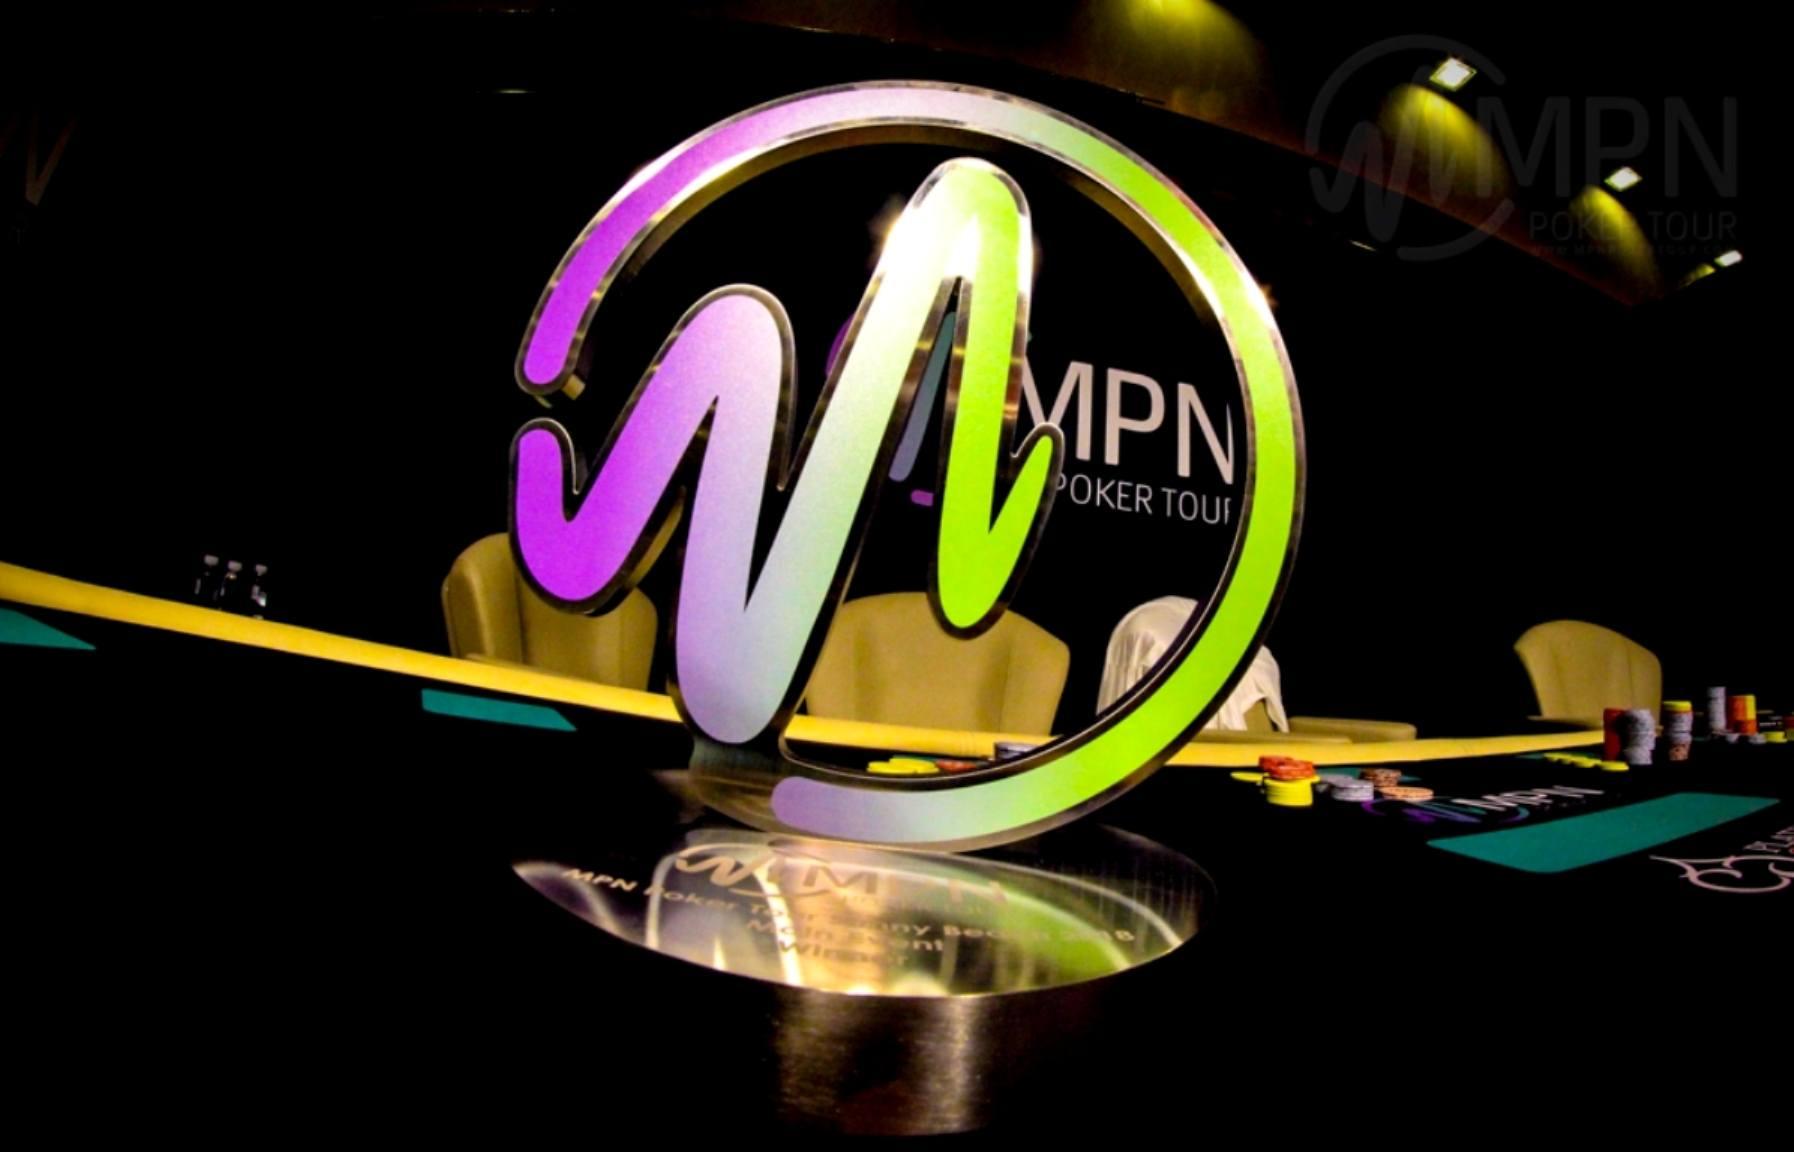 MPN Poker Tour Logo